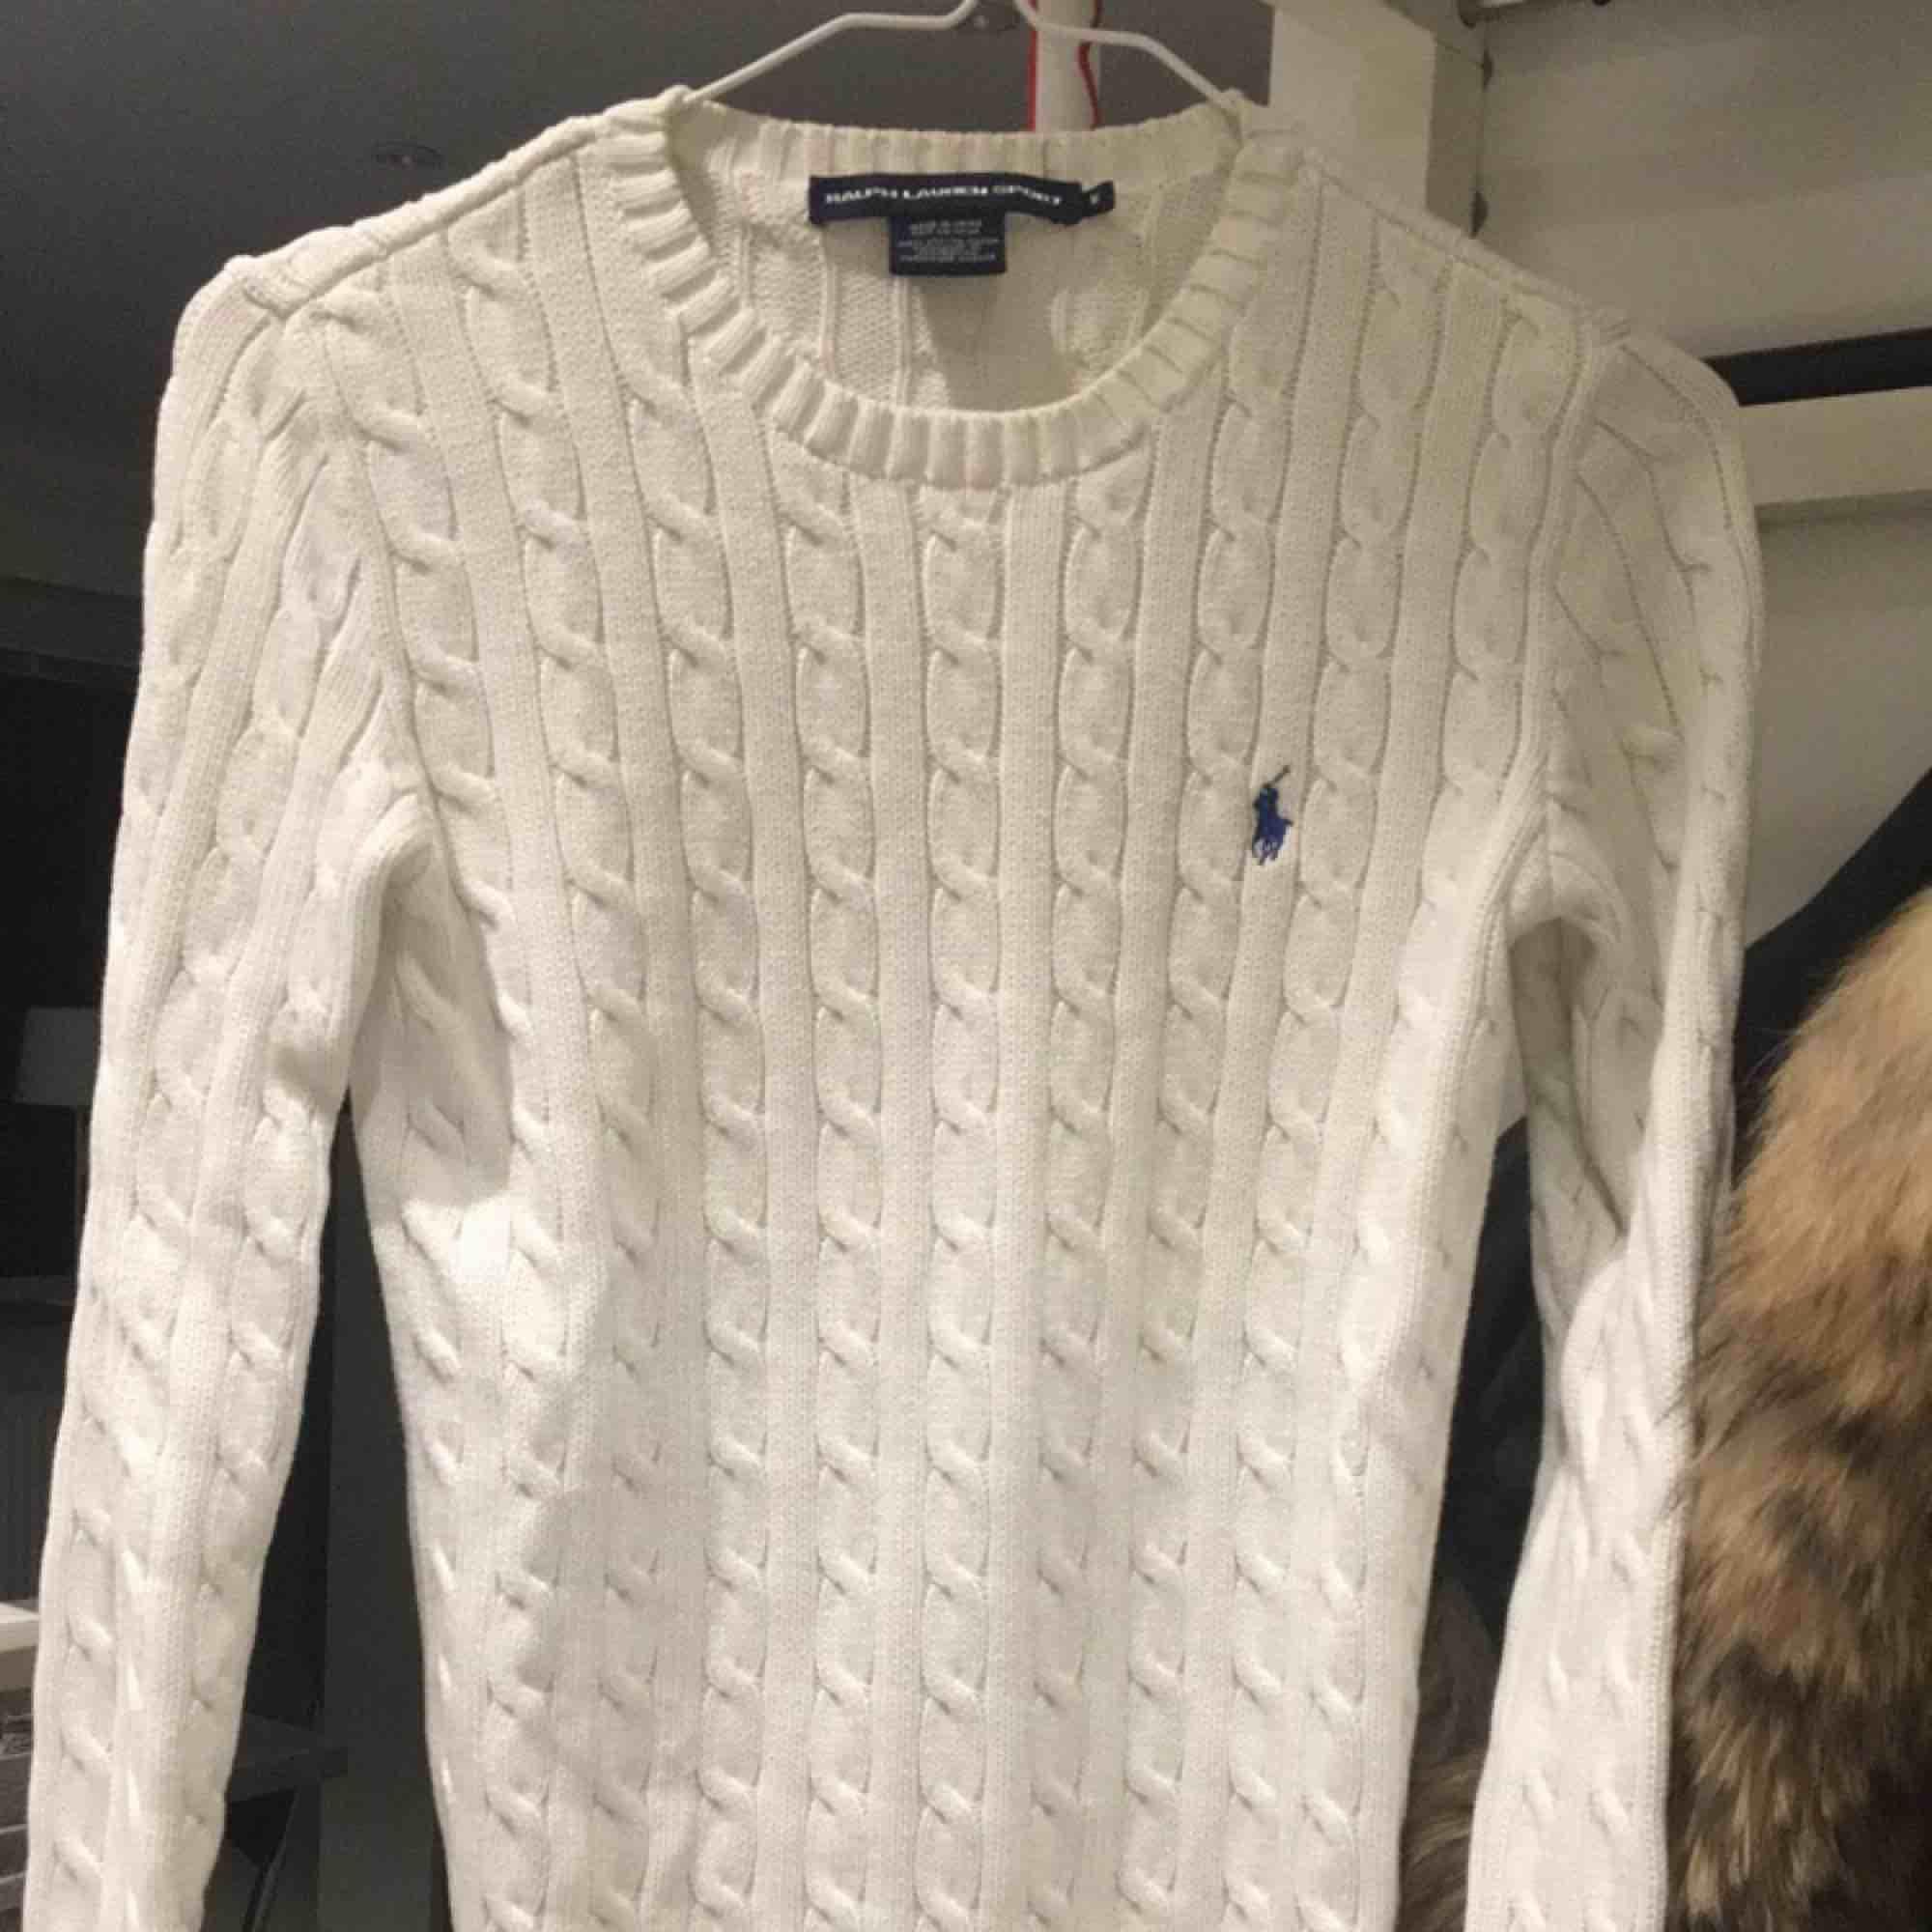 Säljer nu min vita kabelstickade tröja från Ralph lauren då den aldrig kommer till användning, tyvärr! 400kr plus frakt, skickar gärna spårbart så frakten ligger på 58kr, pris går att diskutera vid snabb affär! . Stickat.